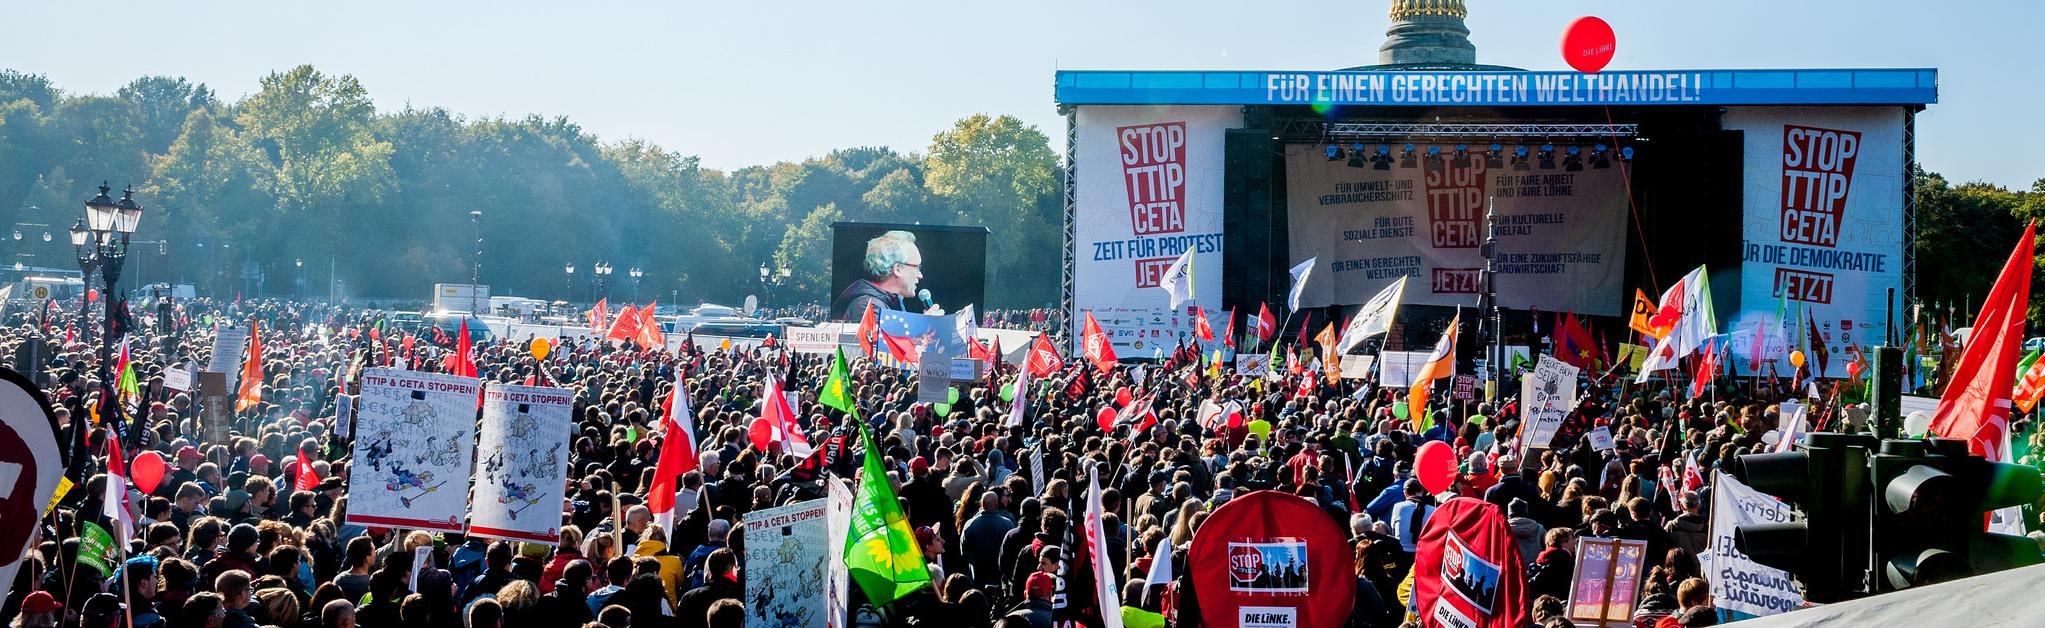 Erste Ergebnisse der Stop TTIP-Befragung